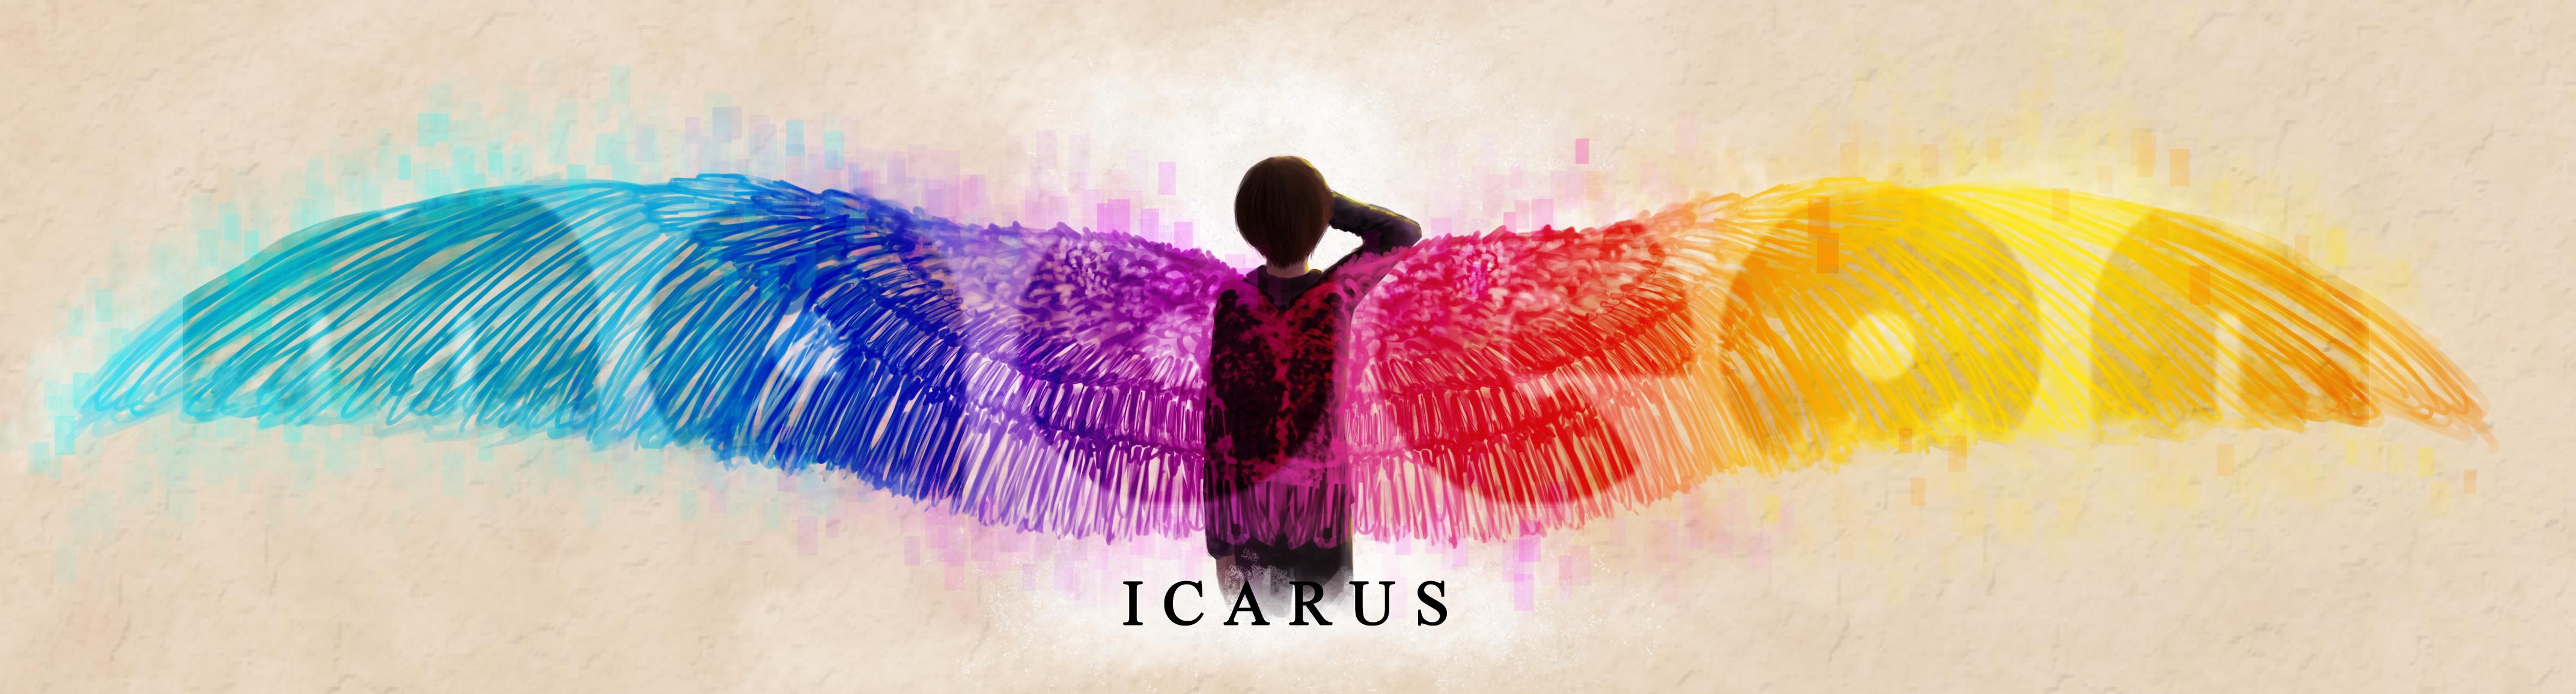 Icarus by petulantScribbler